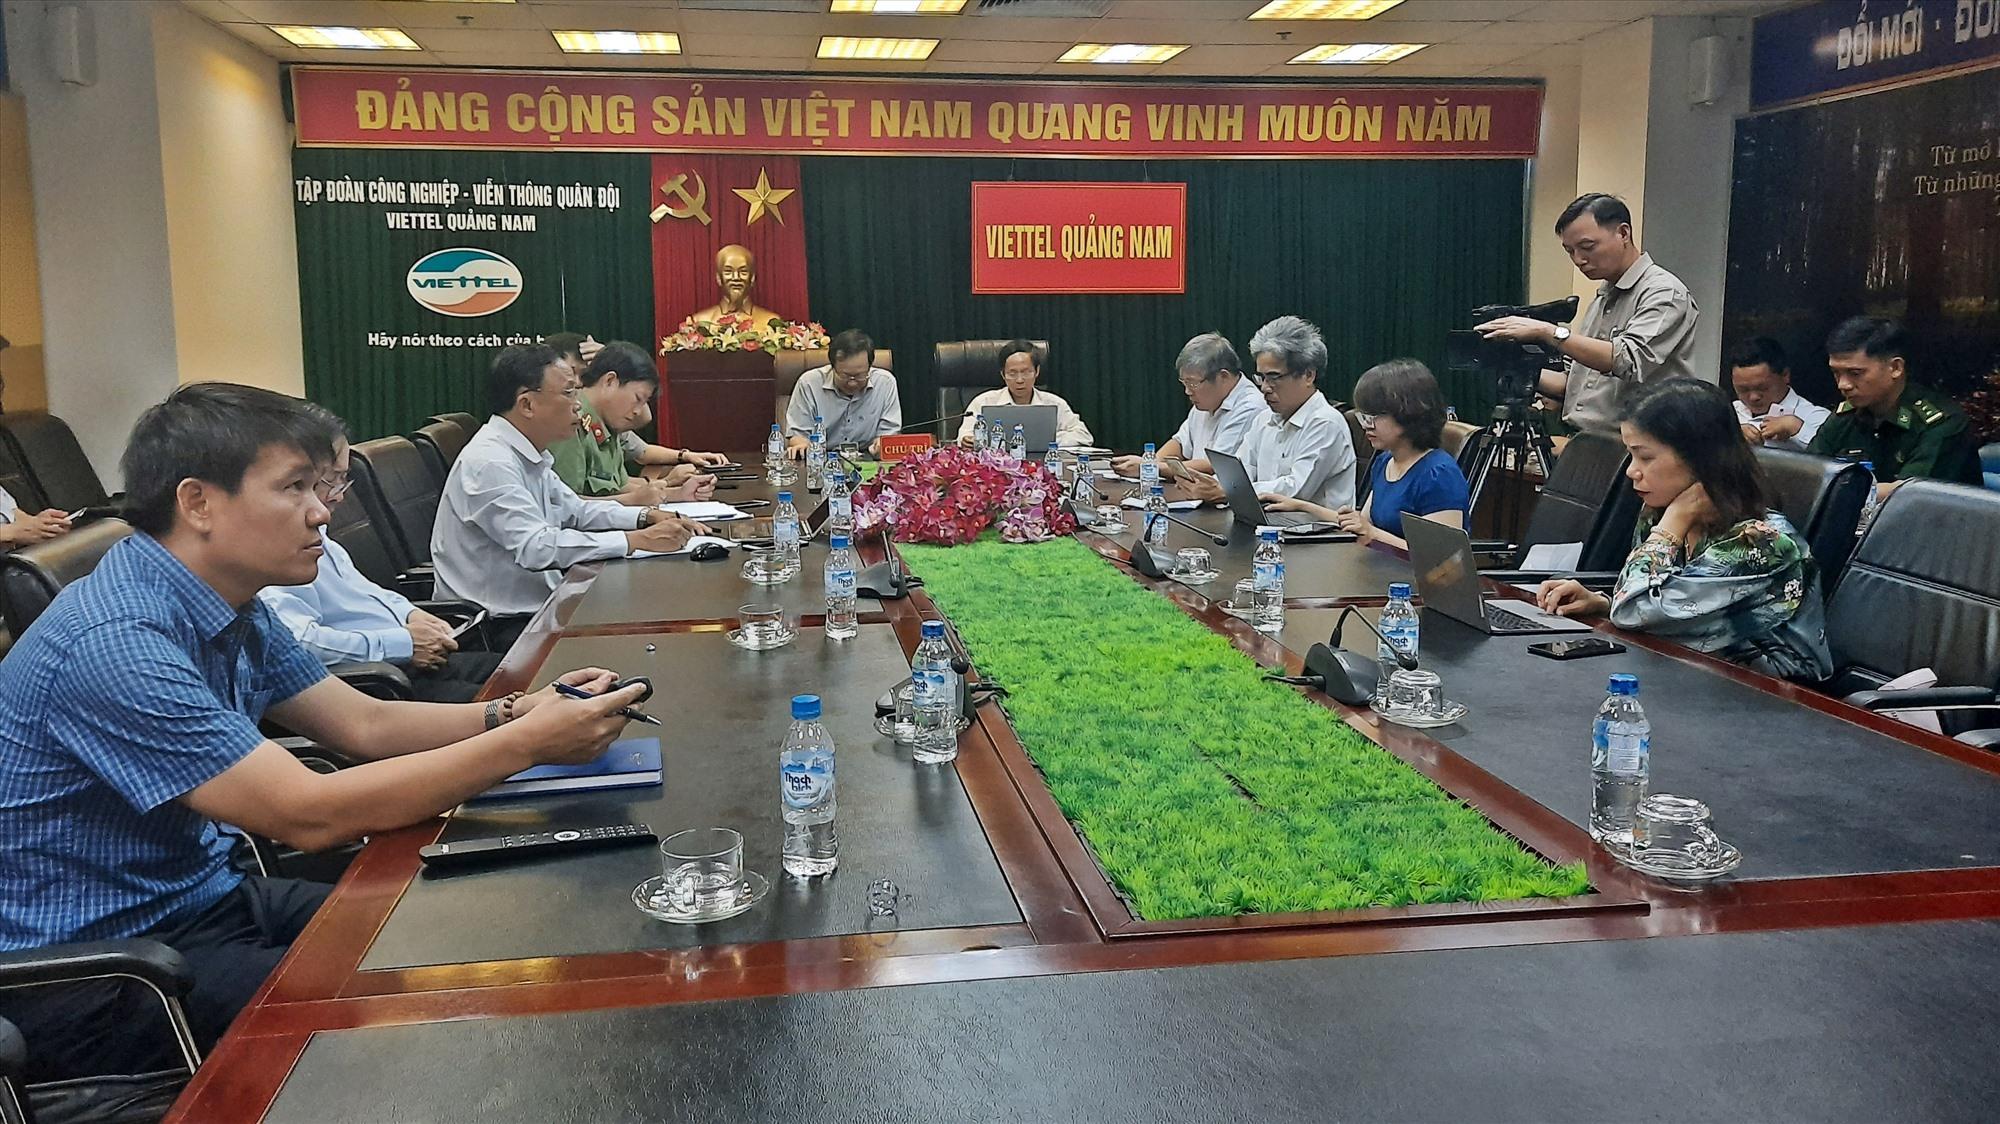 Quang cảnh hội nghị tập huấn tại điểm cầu Quảng Nam. Ảnh: Đ. ĐẠO